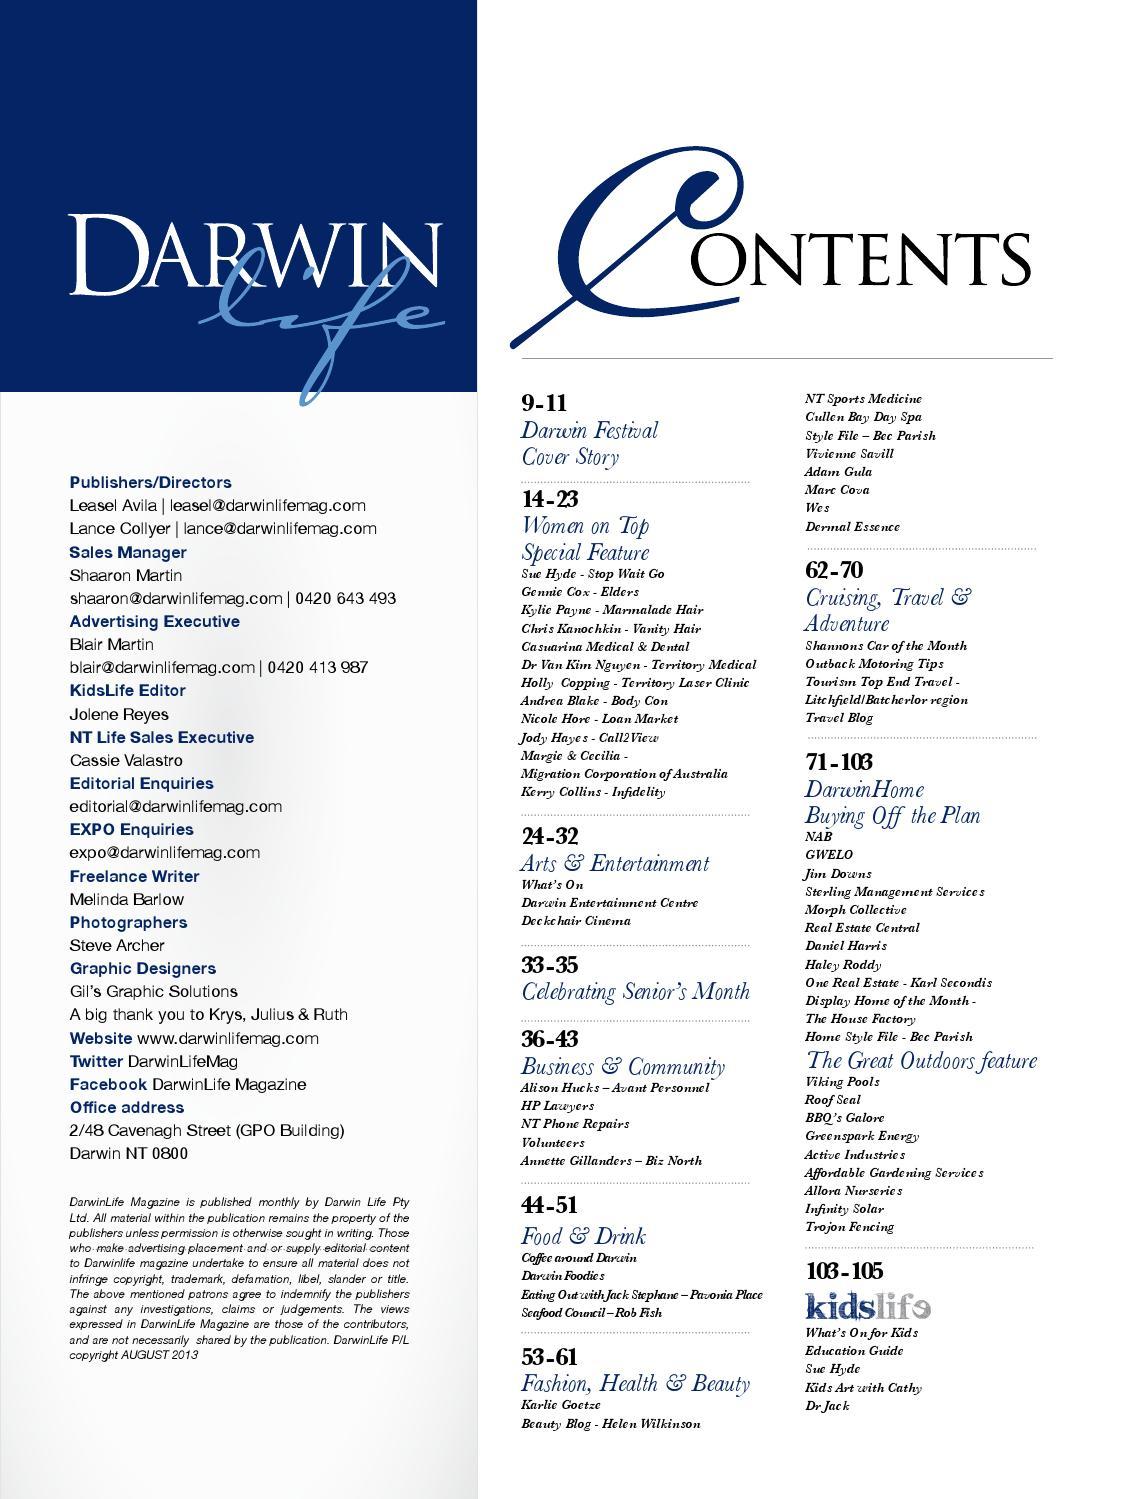 DarwinLIfe Magazine August 2013